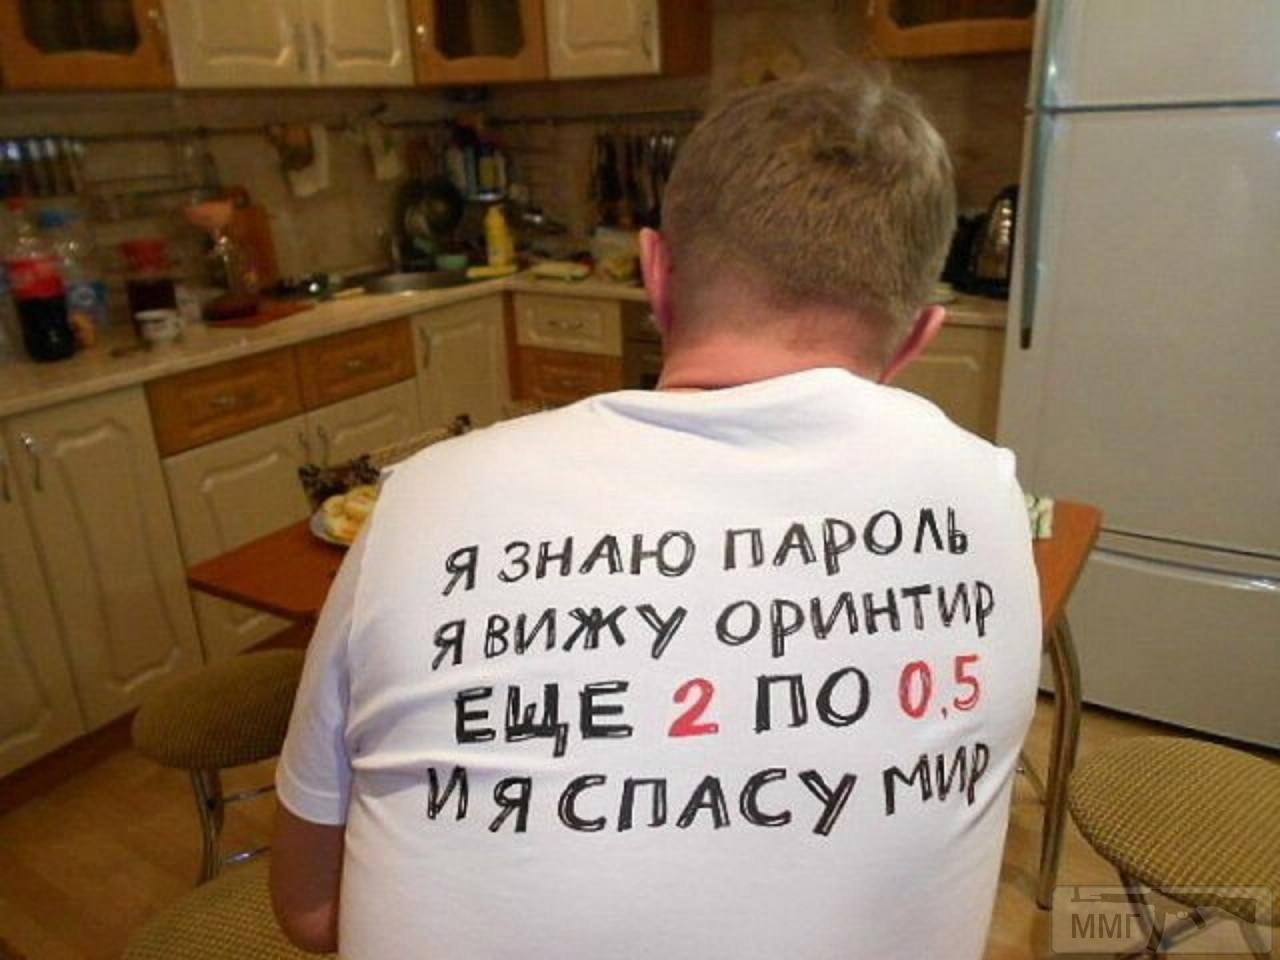 106076 - Пить или не пить? - пятничная алкогольная тема )))